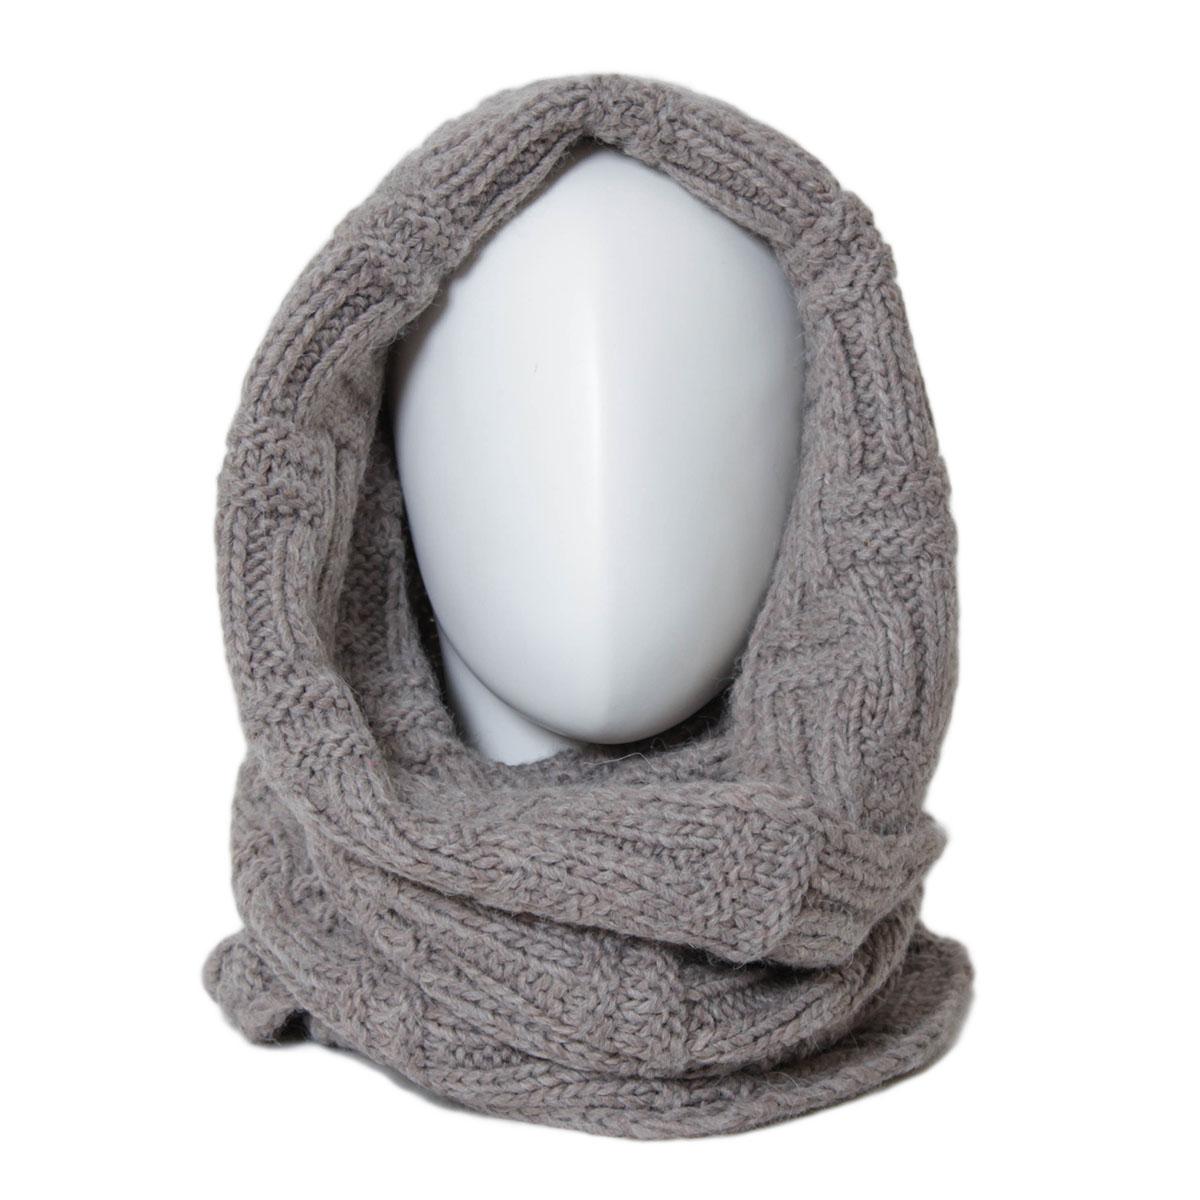 Снуд-хомут302FJСнуд-хомут от Flioraj выполнен из комбинации альпаки, шерсти, вискозы и полиакрила, оформлен крупной узорной вязкой. Модель носится мягкой восьмеркой, элегантно небрежным кольцом или накидкой на голову.